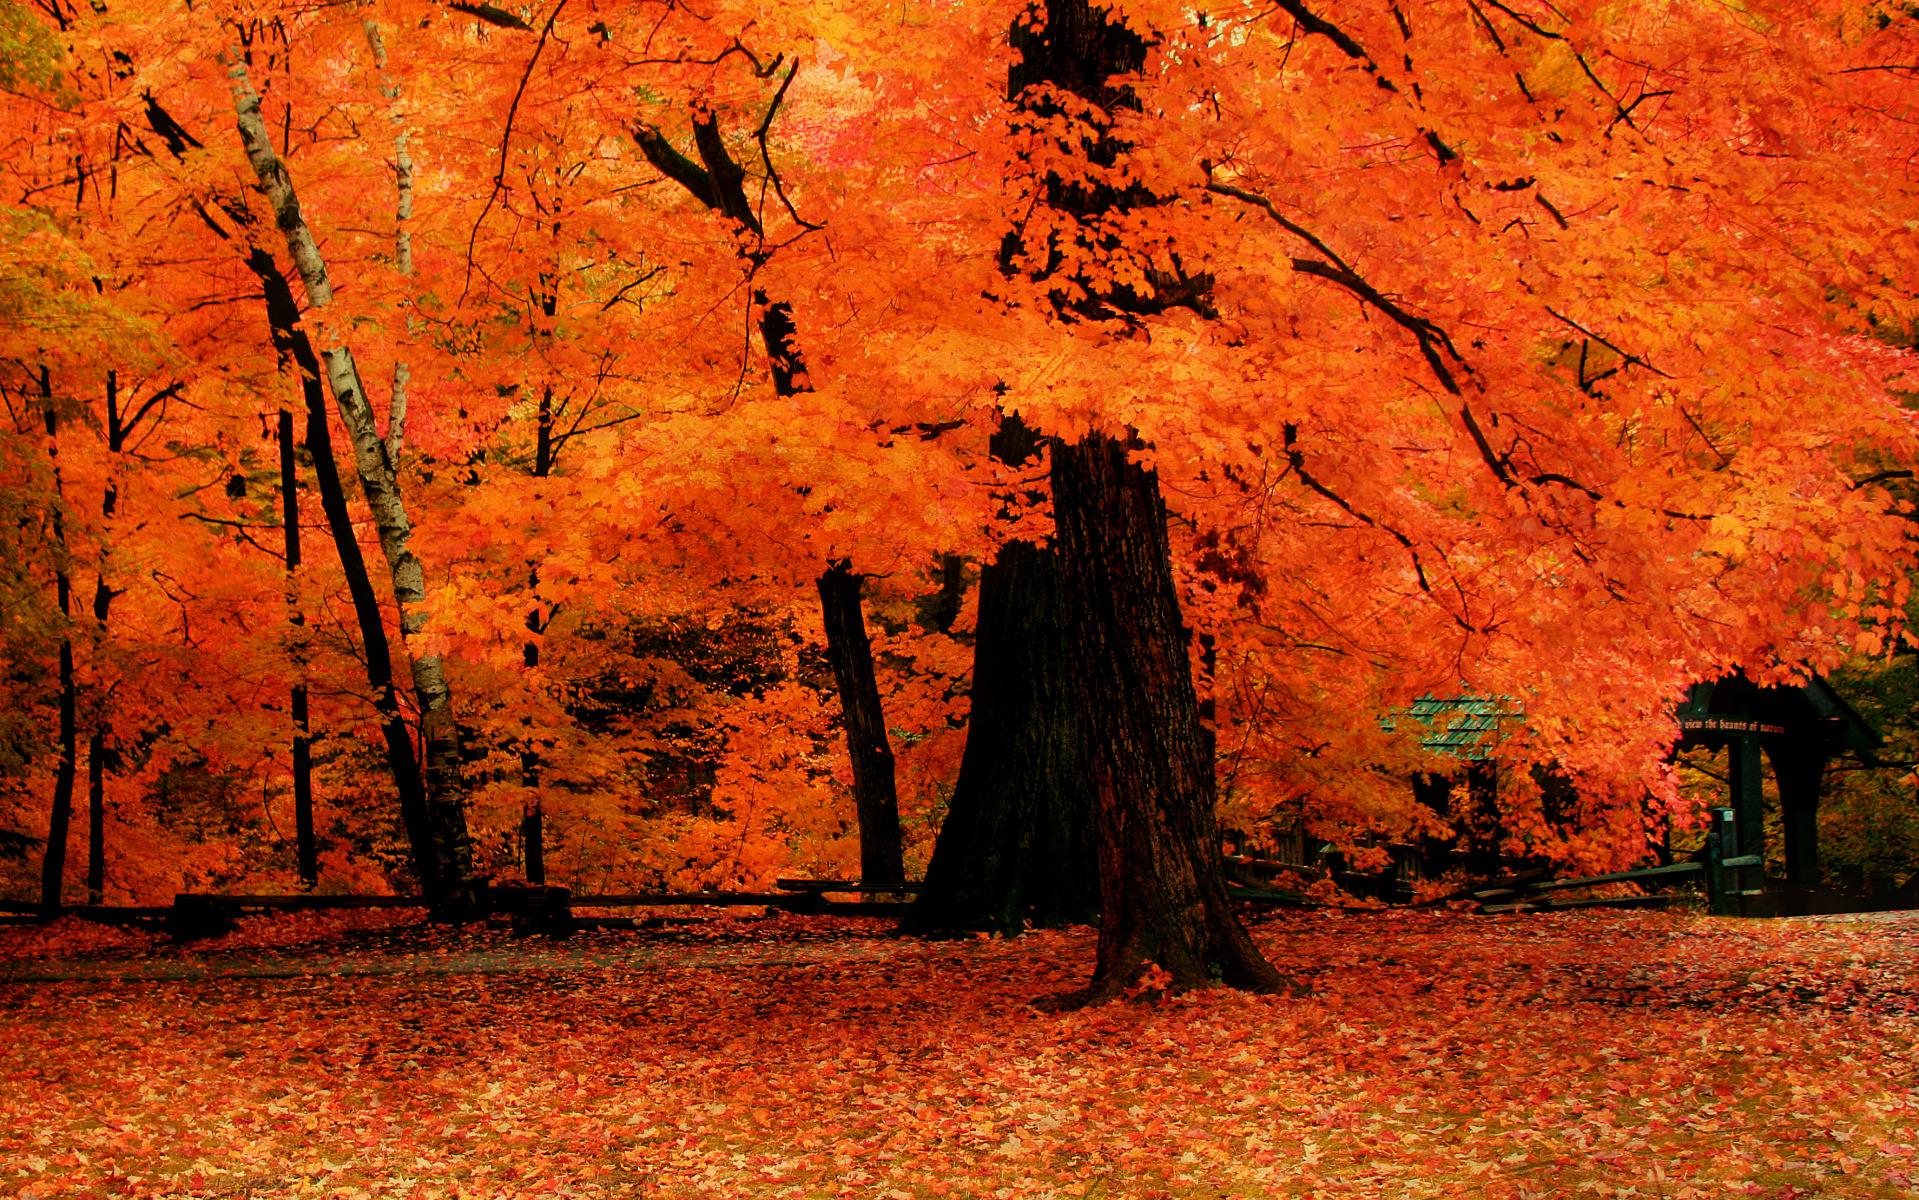 autumn wallpaper widescreen - sf wallpaper